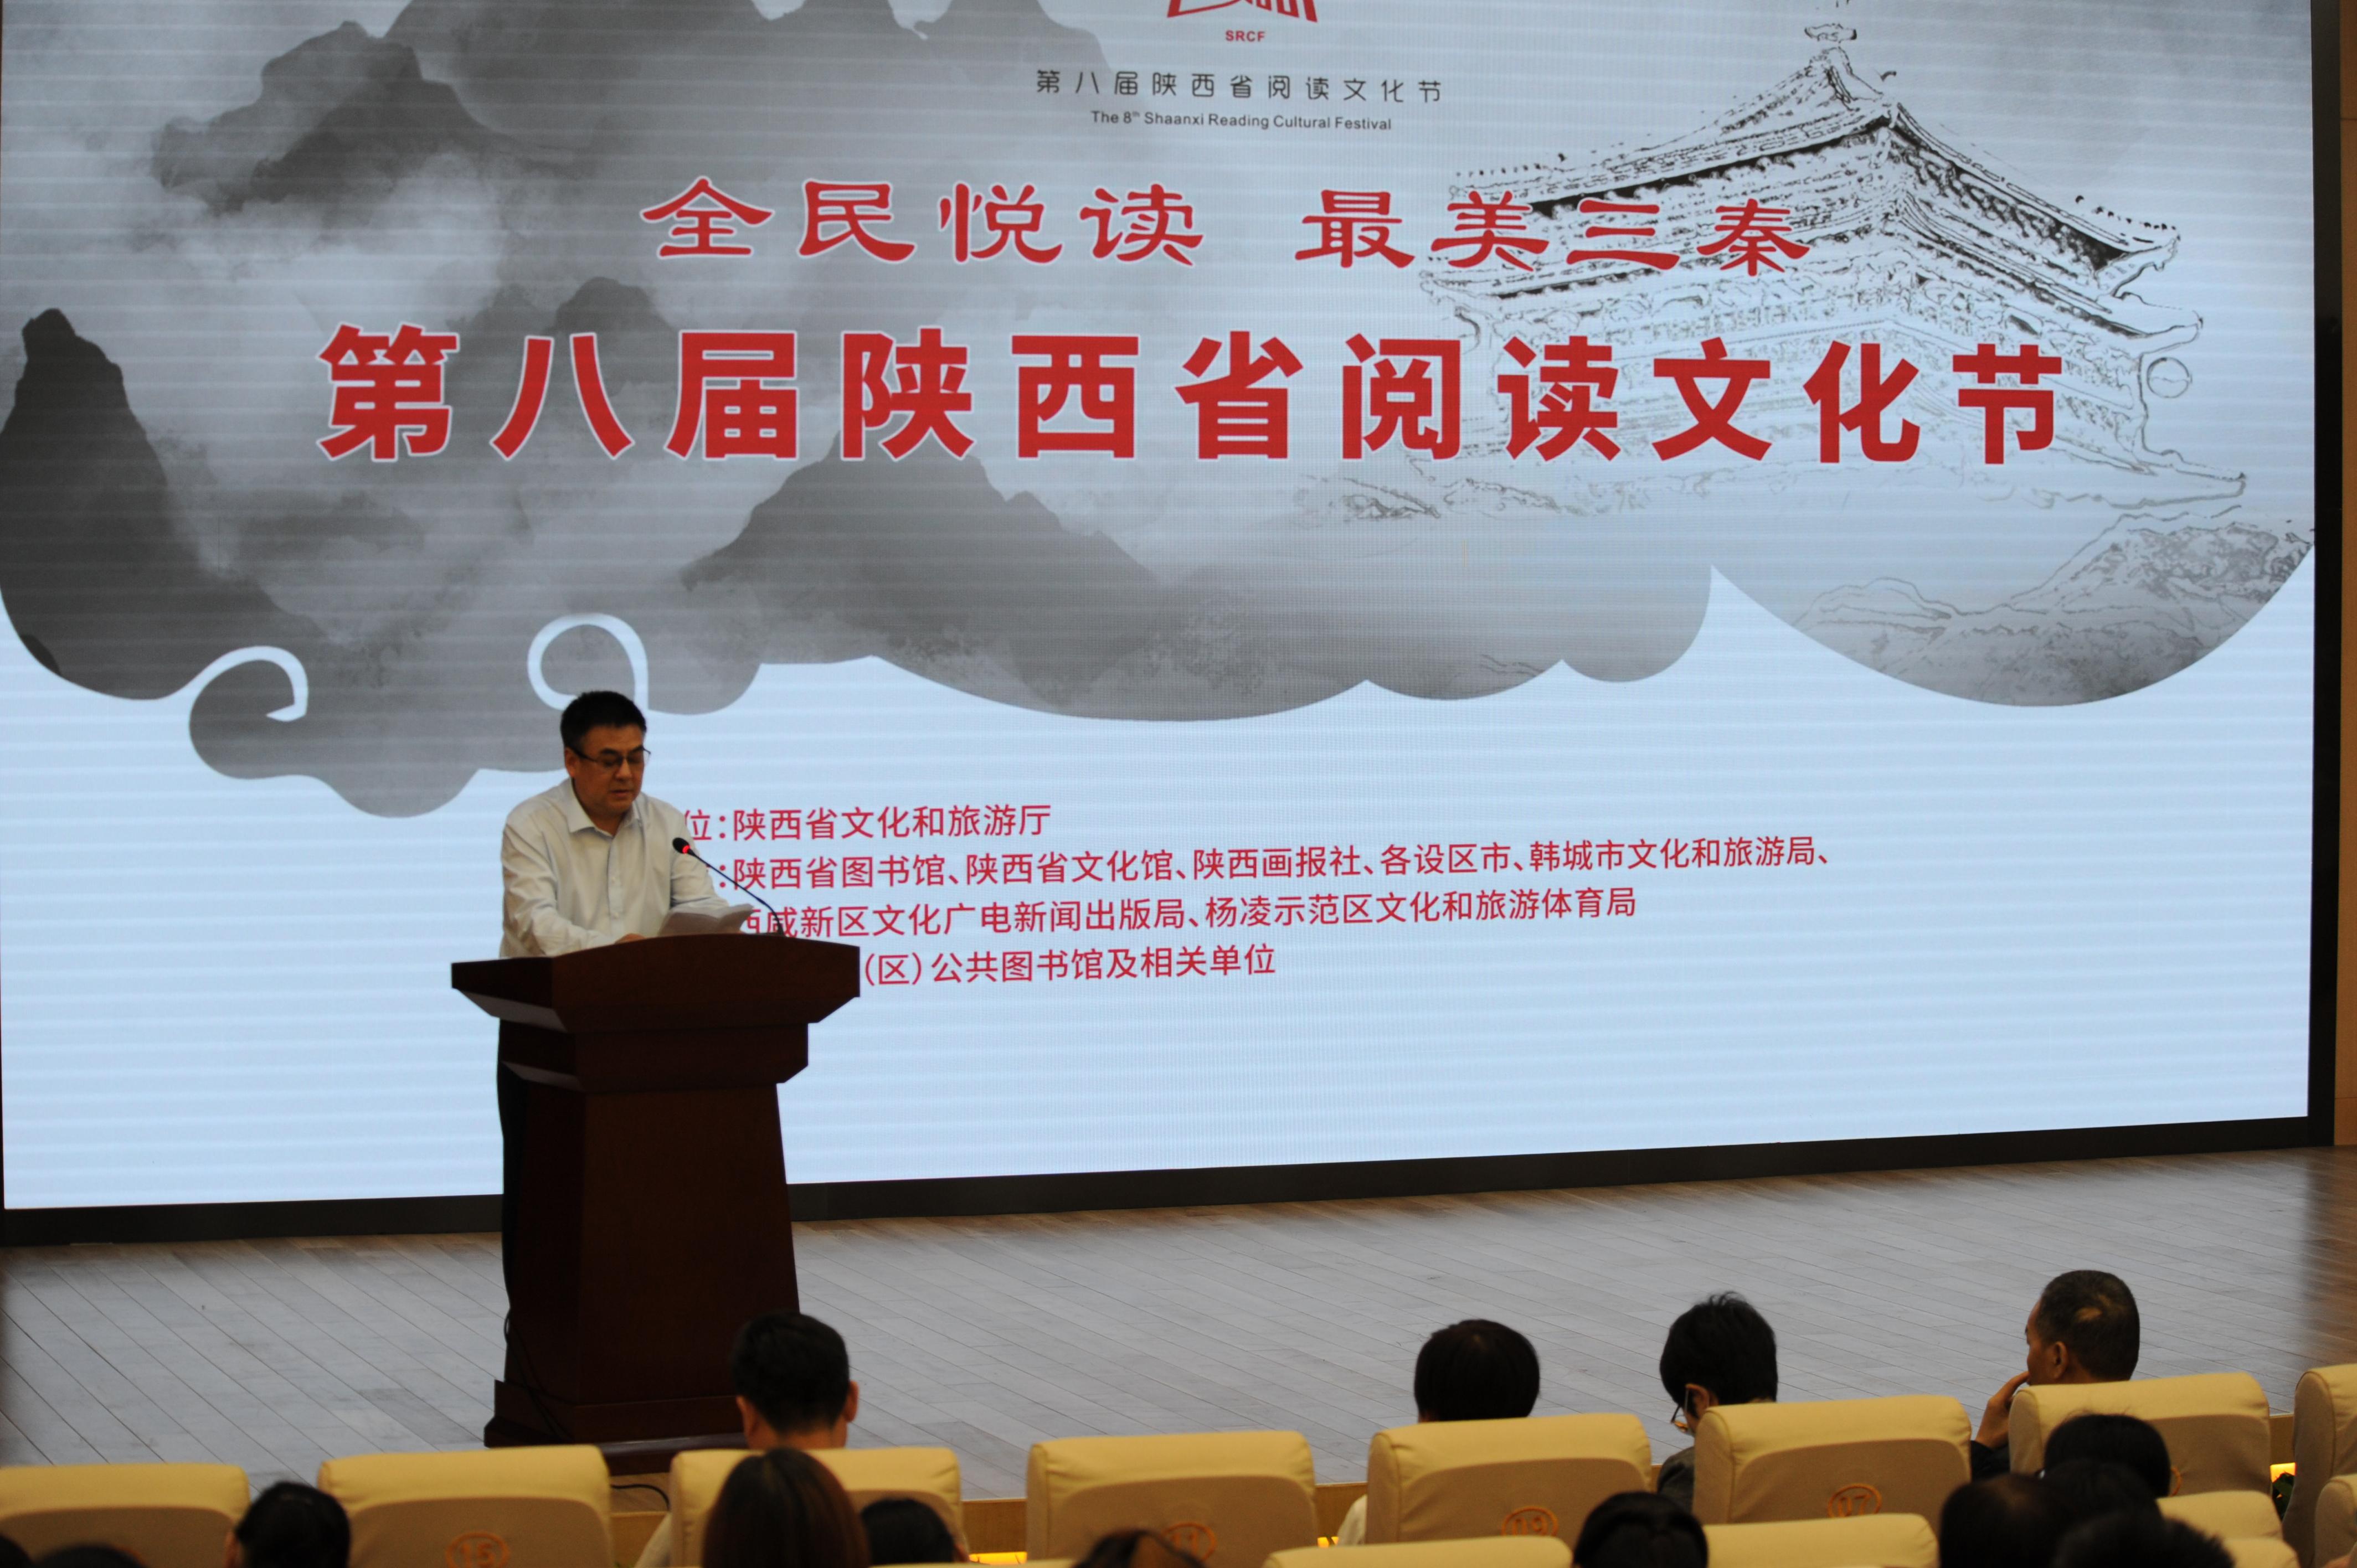 为期一个月的第八届陕西省阅读文化节启幕